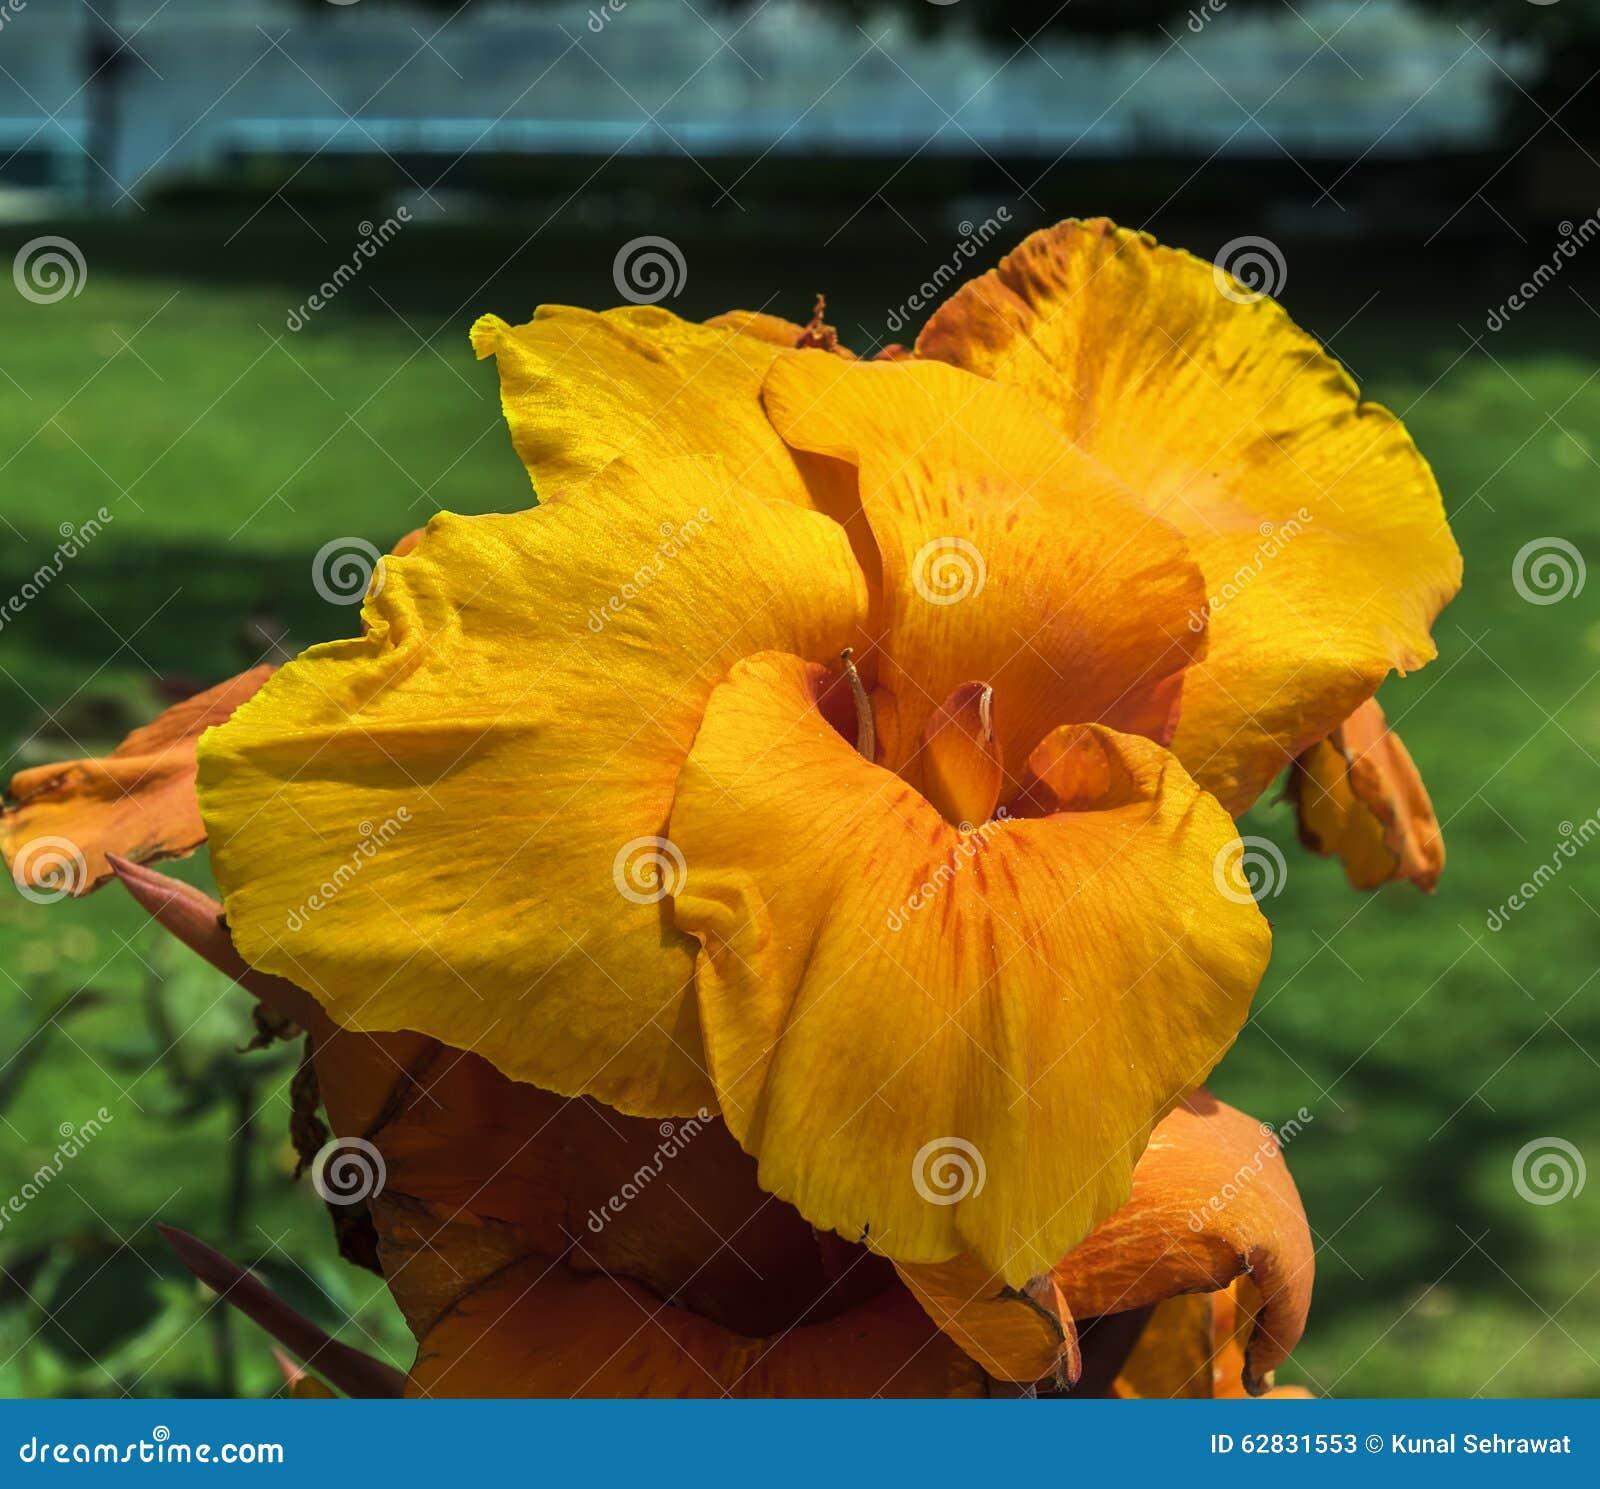 gelbe und orange canna blume im garten stockbild bild von blatt frische 62831553. Black Bedroom Furniture Sets. Home Design Ideas